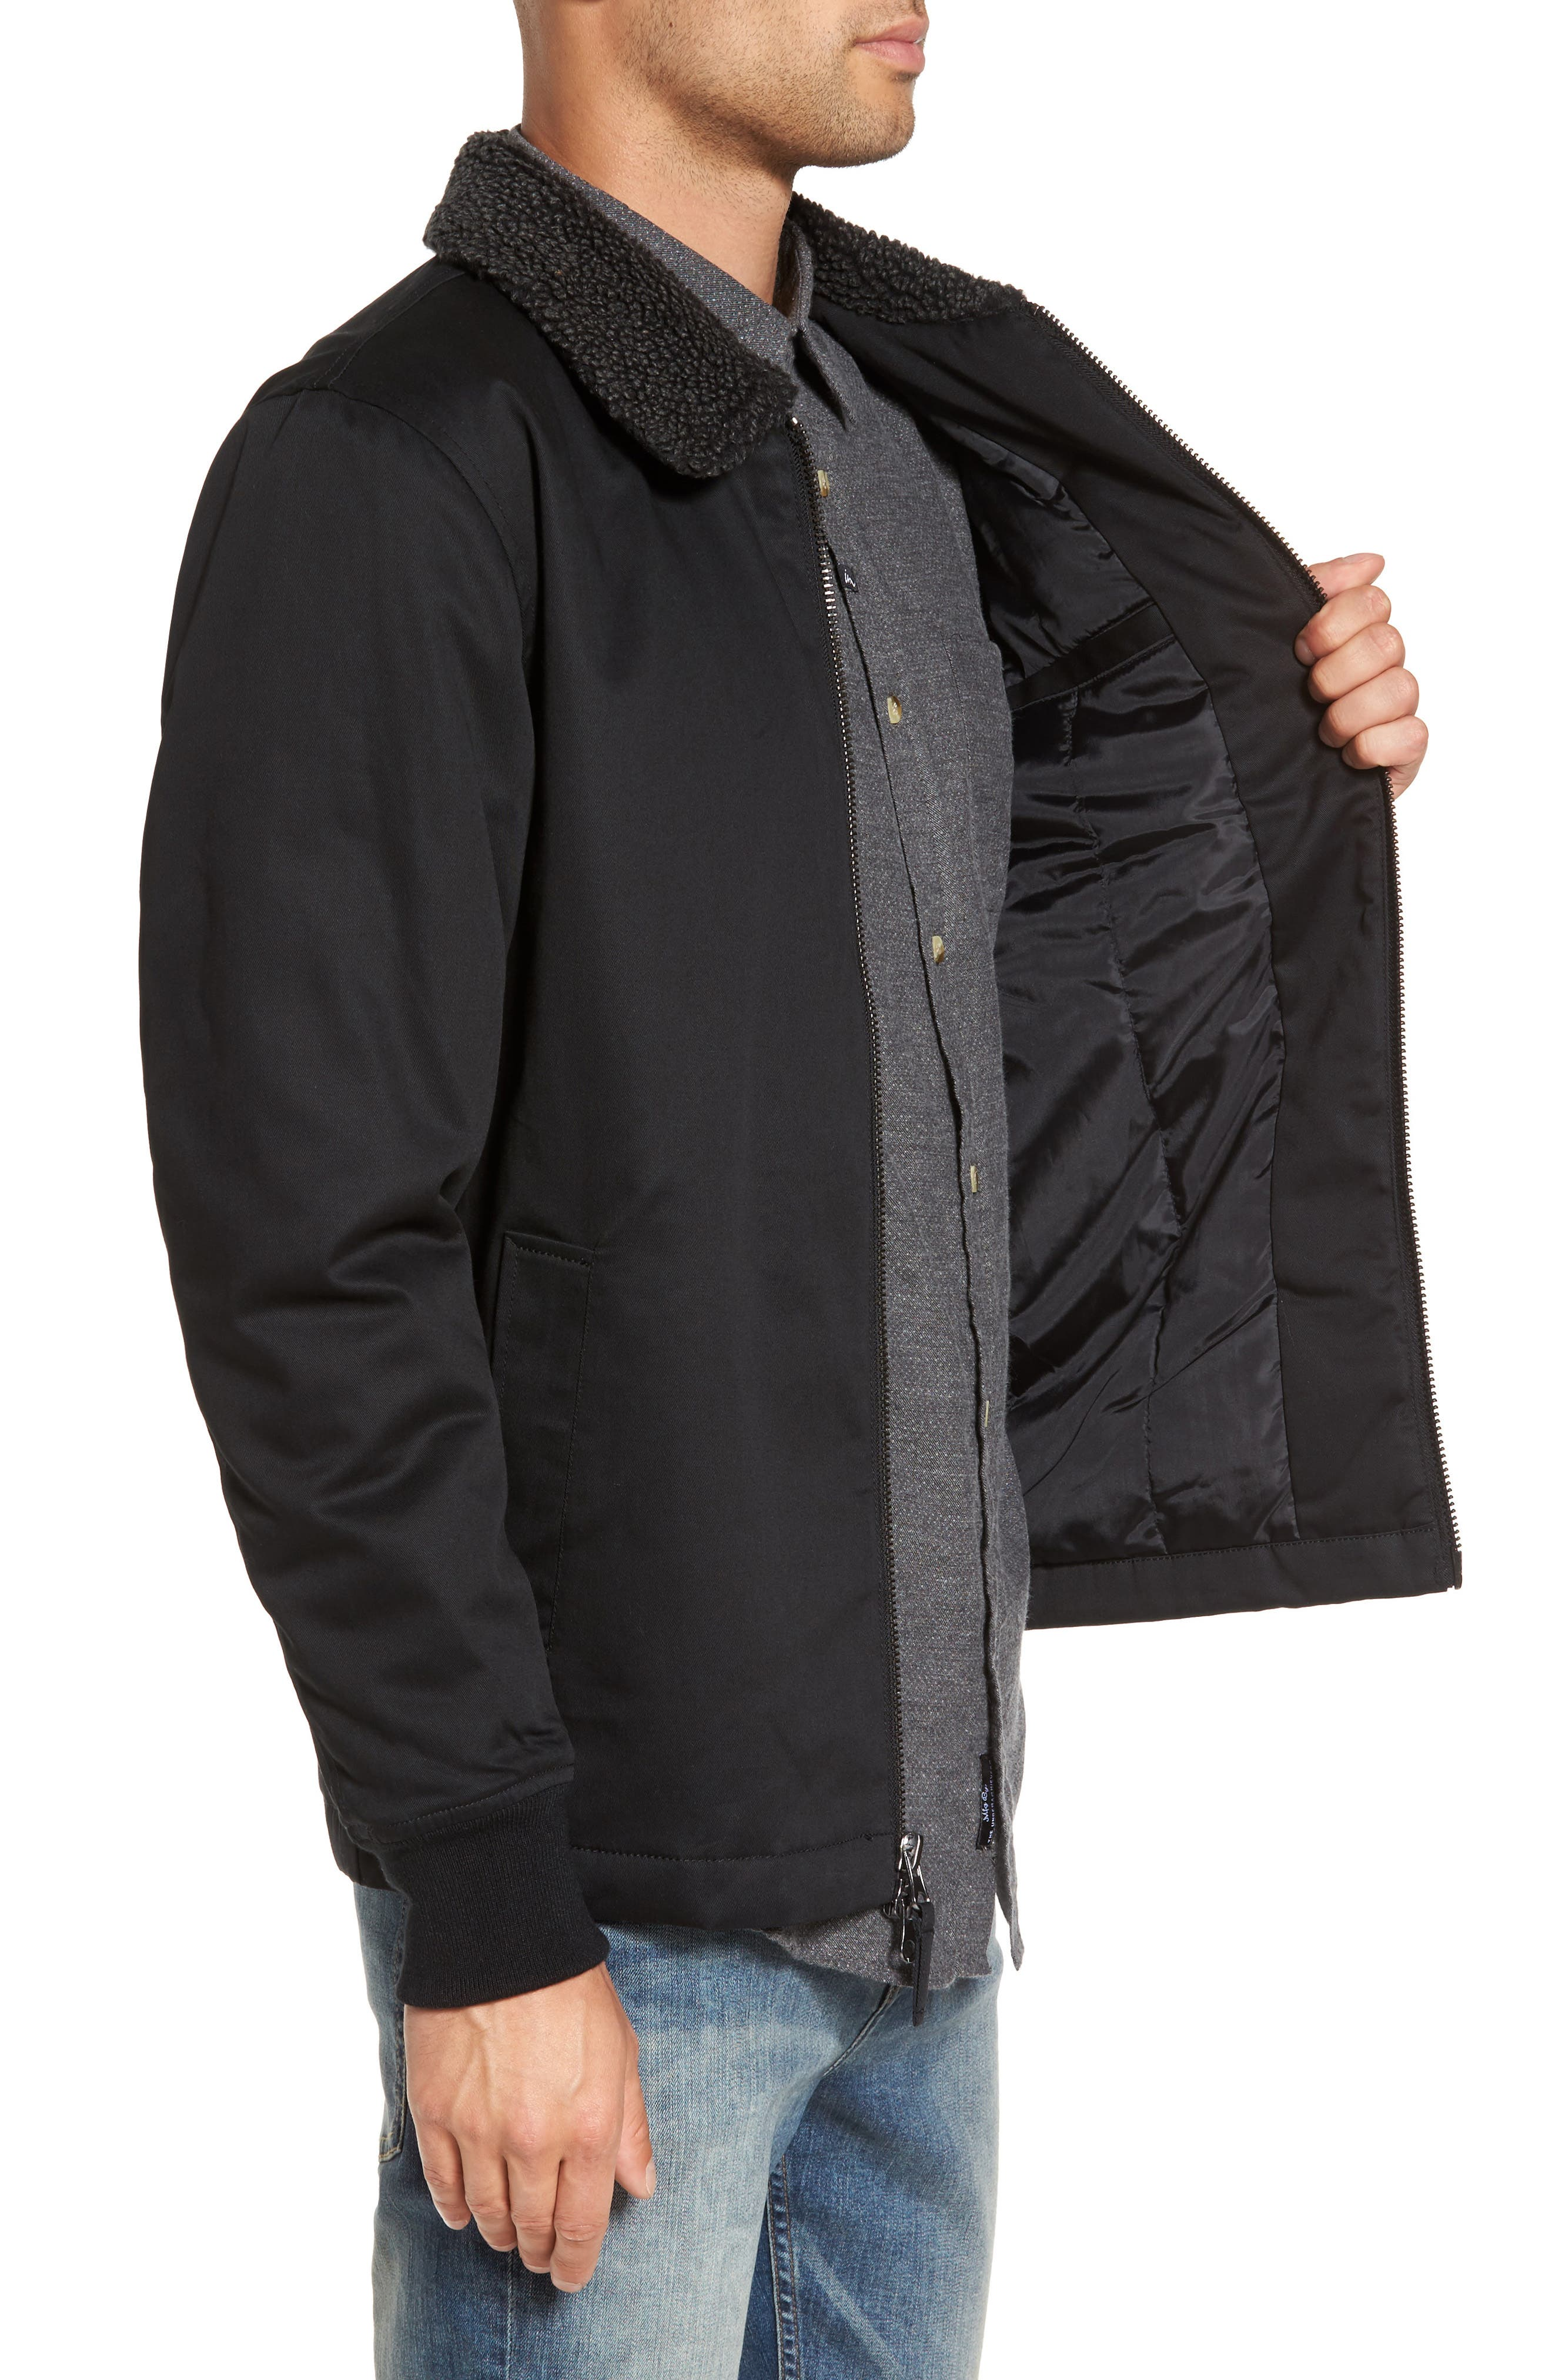 Maddox Jacket,                             Alternate thumbnail 3, color,